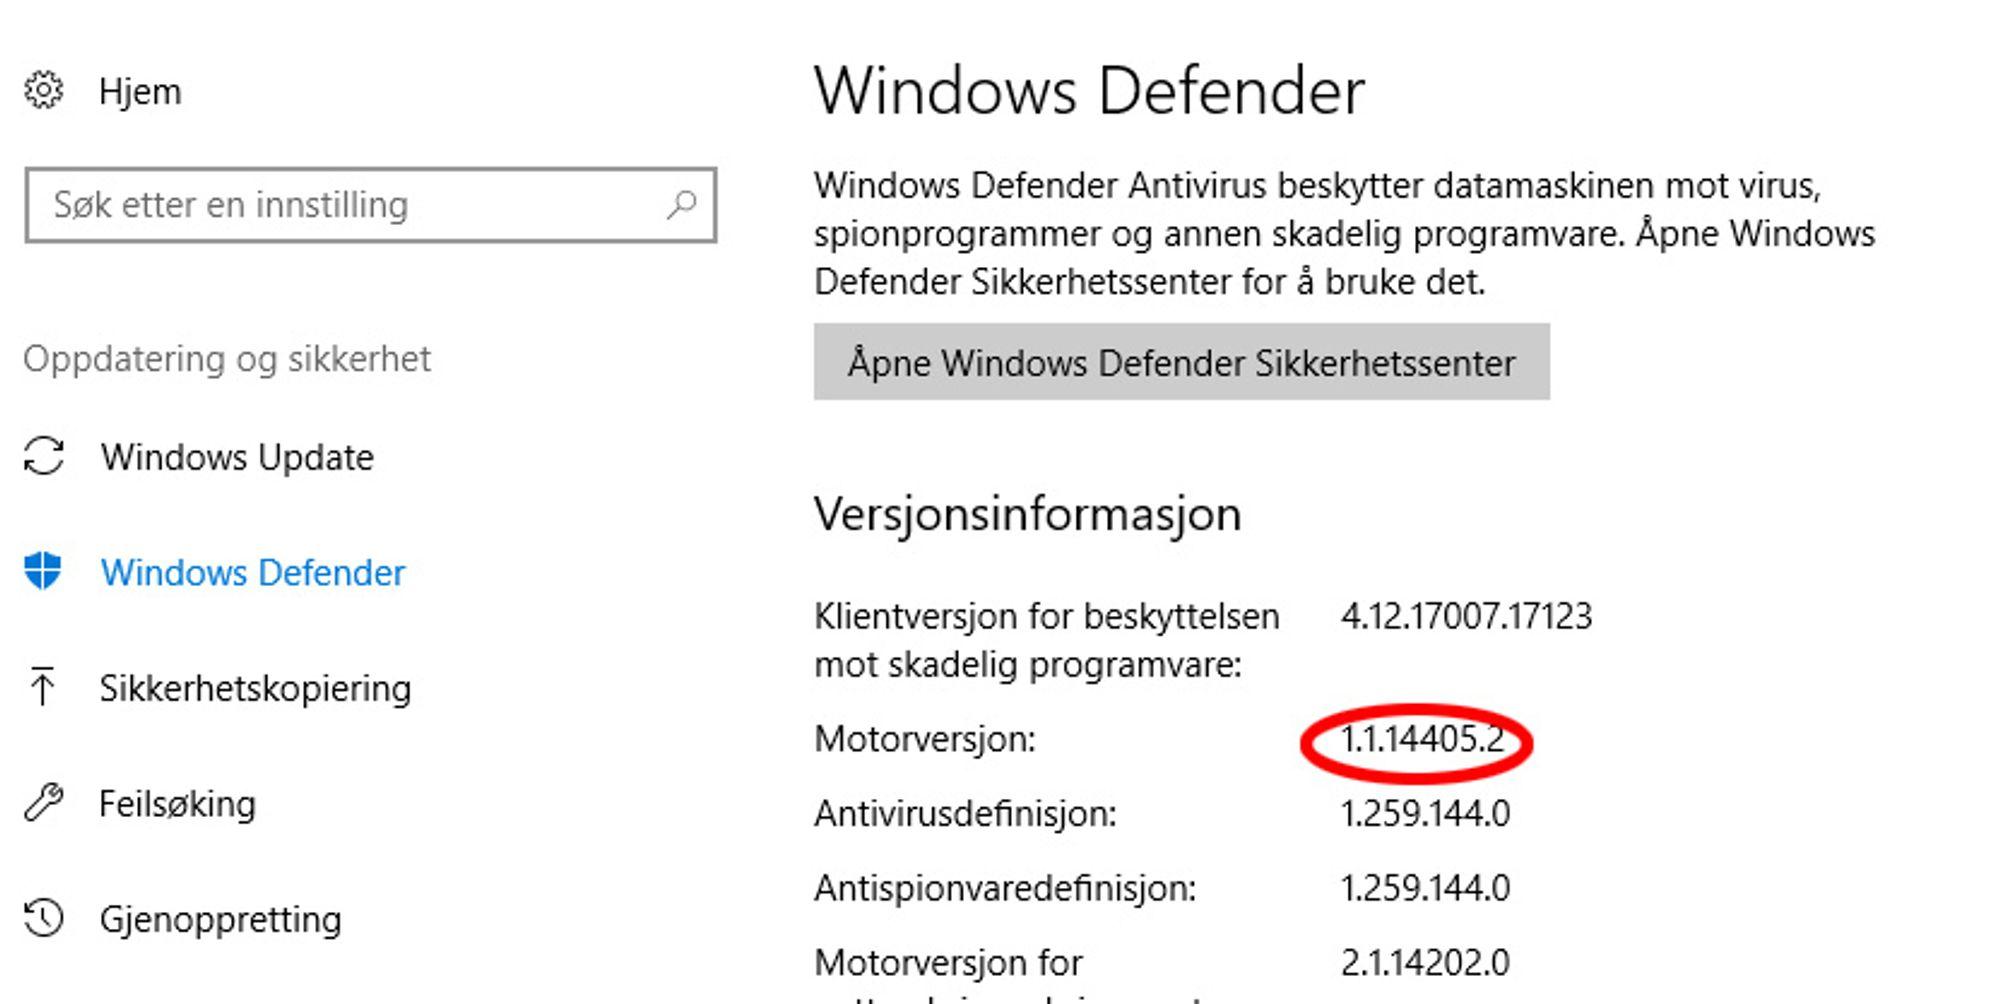 Windows-brukere som benytter sikkerhetsprogramvare fra Microsoft, bør forsikre seg om at Microsoft Malware Protection Engine nylig har blitt oppdatert.